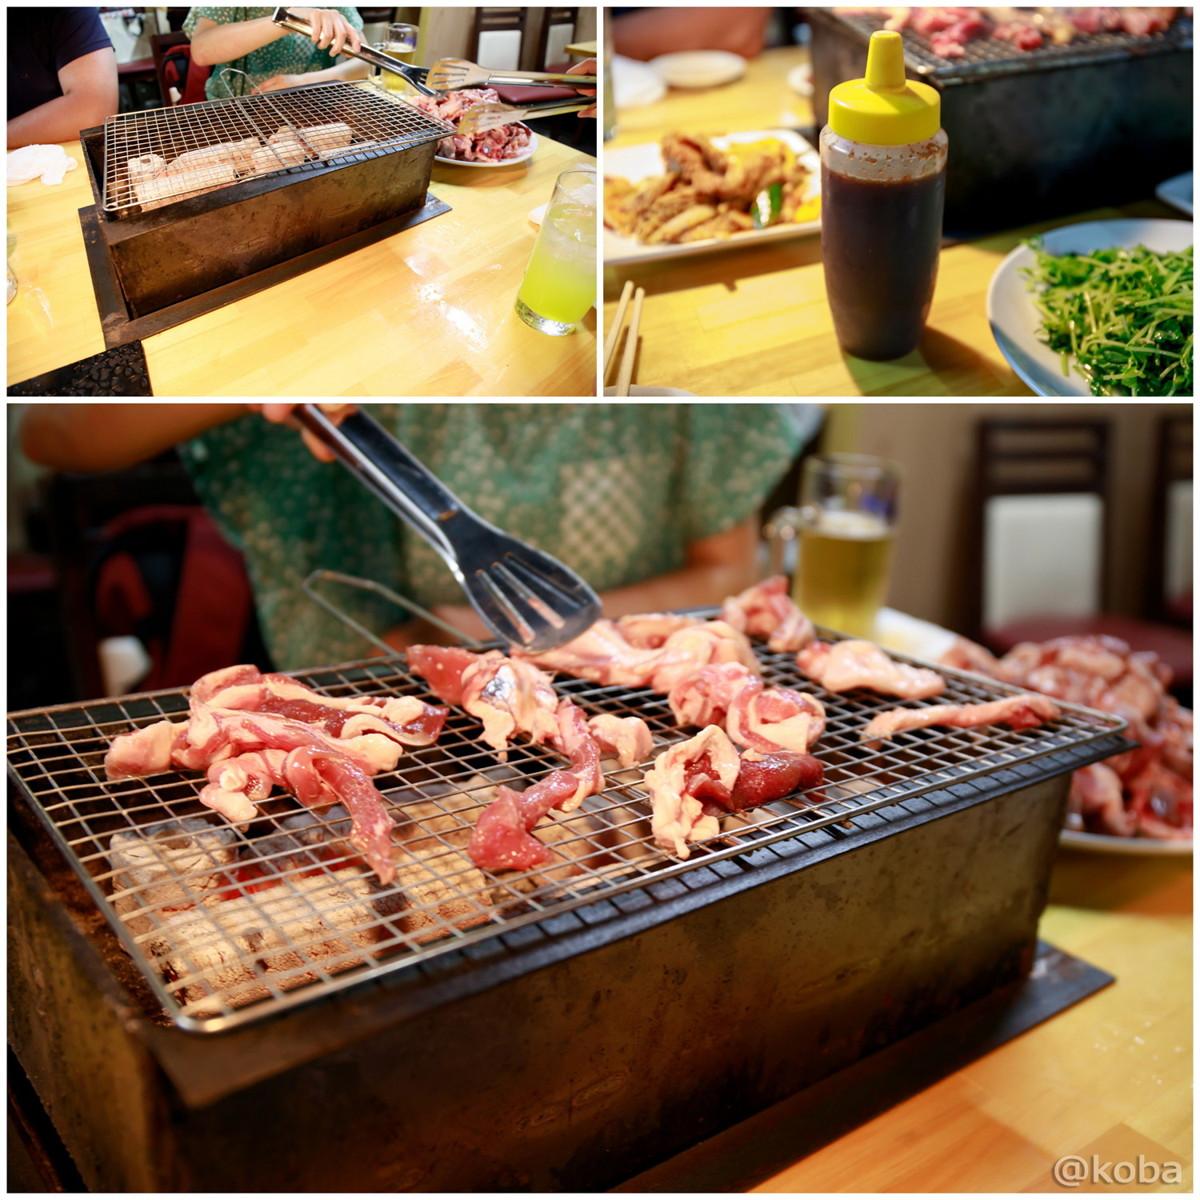 スペアリブ│小城(オシロ)│ジンギスカン│羊肉料理│東京江戸川区│小岩ブログ